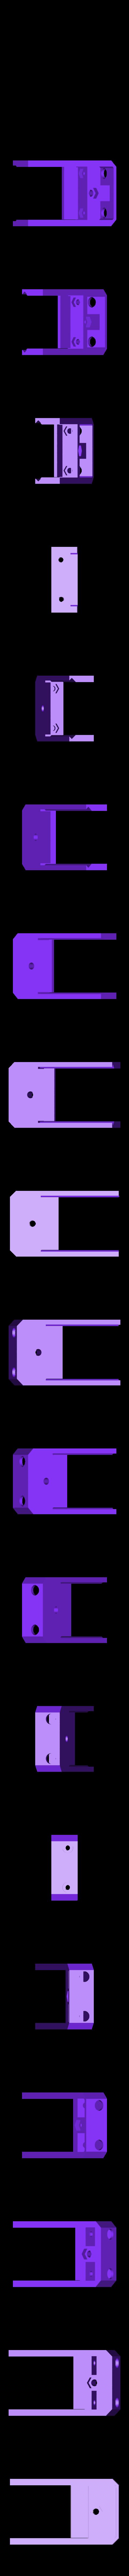 IdlerPulleyBracket.stl Télécharger fichier STL gratuit Hadron (ORD Bot) X et Y Supports de poulie de renvoi d'angle • Design imprimable en 3D, Duskwin